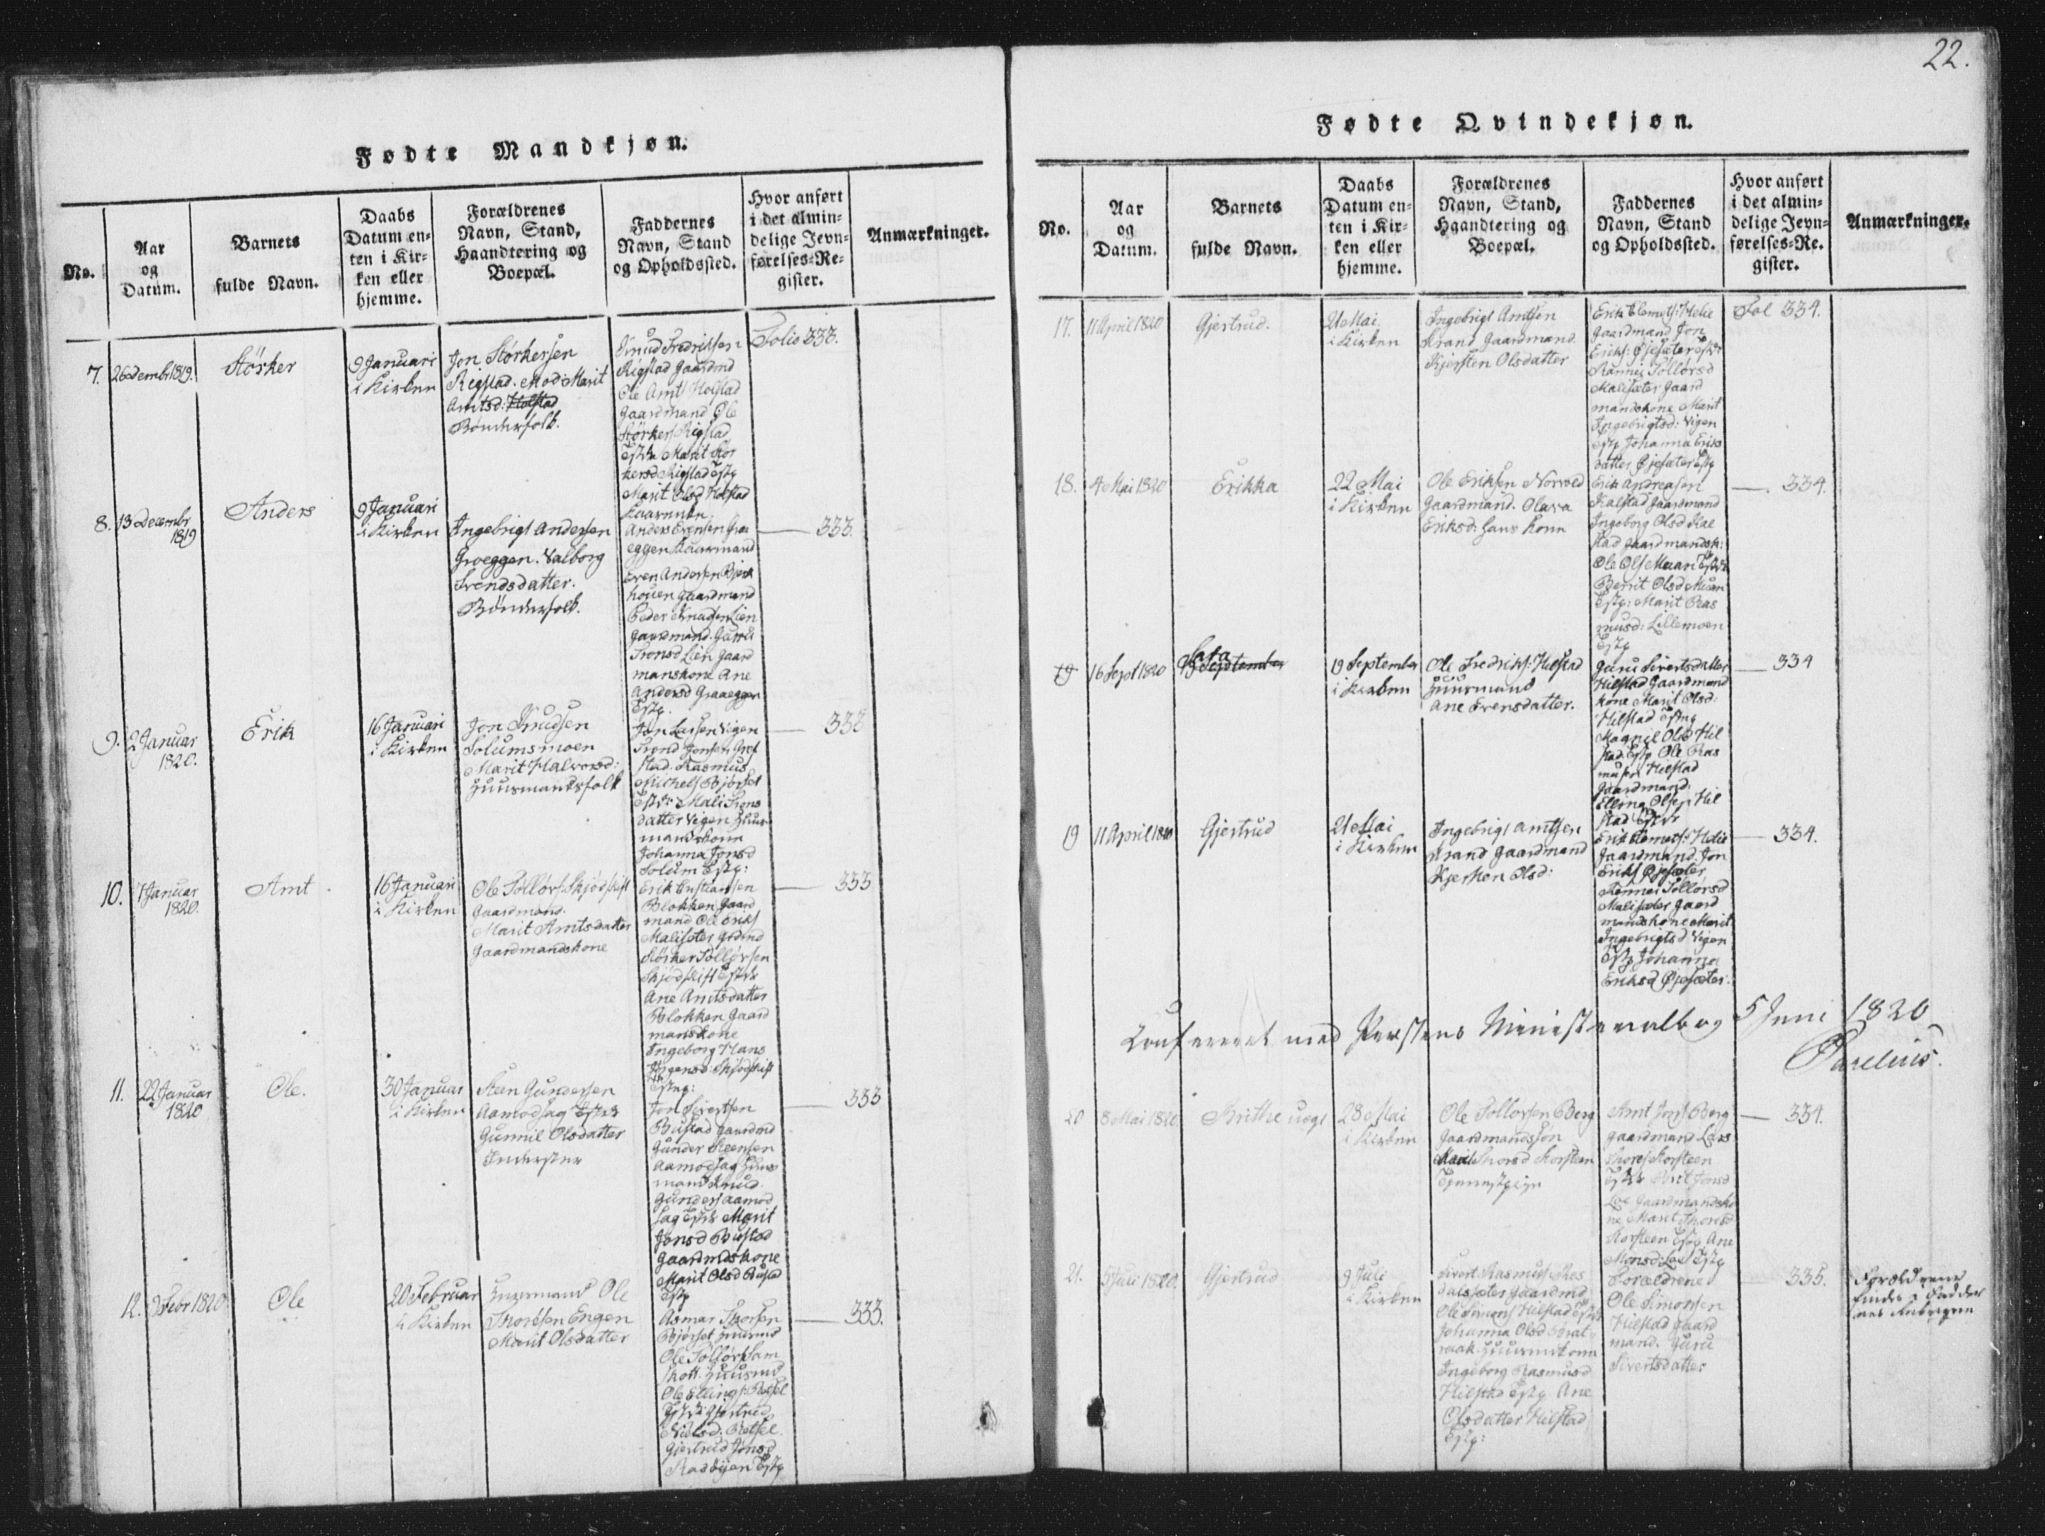 SAT, Ministerialprotokoller, klokkerbøker og fødselsregistre - Sør-Trøndelag, 672/L0862: Klokkerbok nr. 672C01, 1816-1831, s. 22